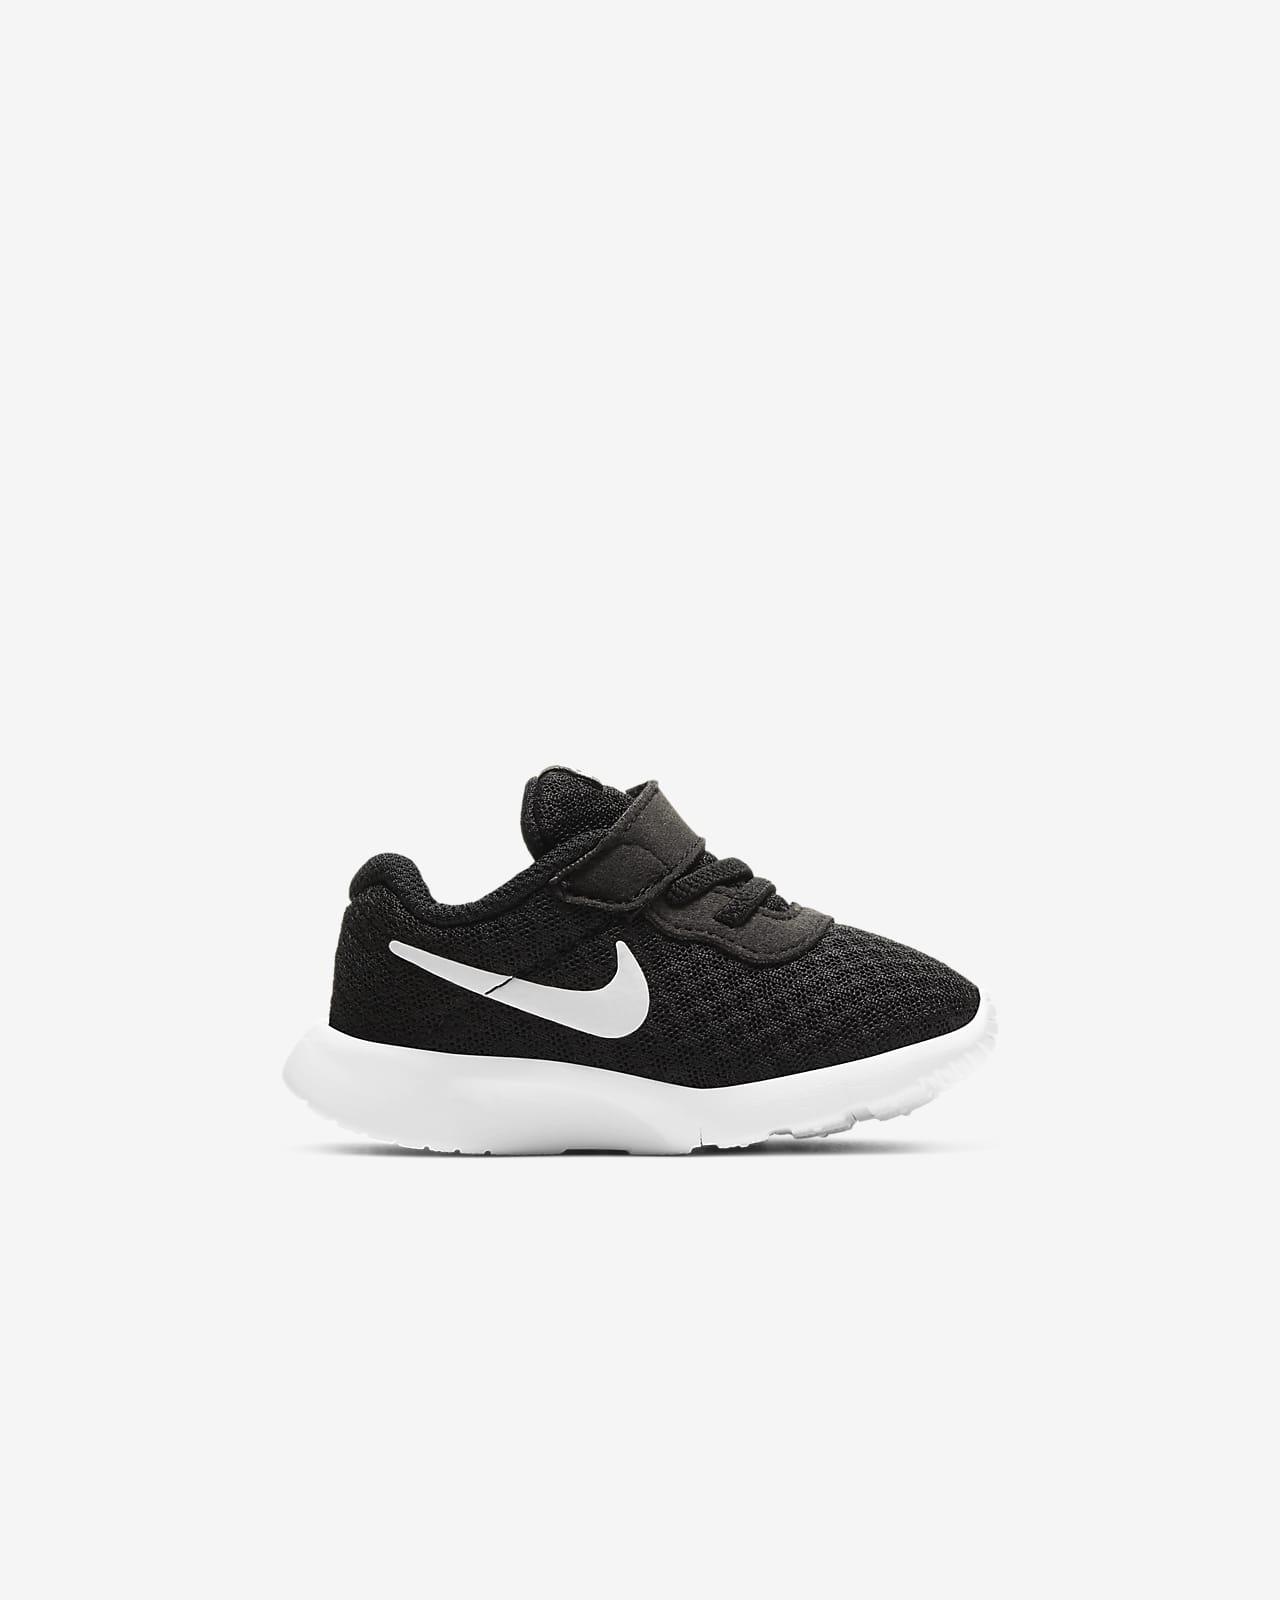 Nike Tanjun (2c-10c) 嬰幼兒童鞋款。Nike TW